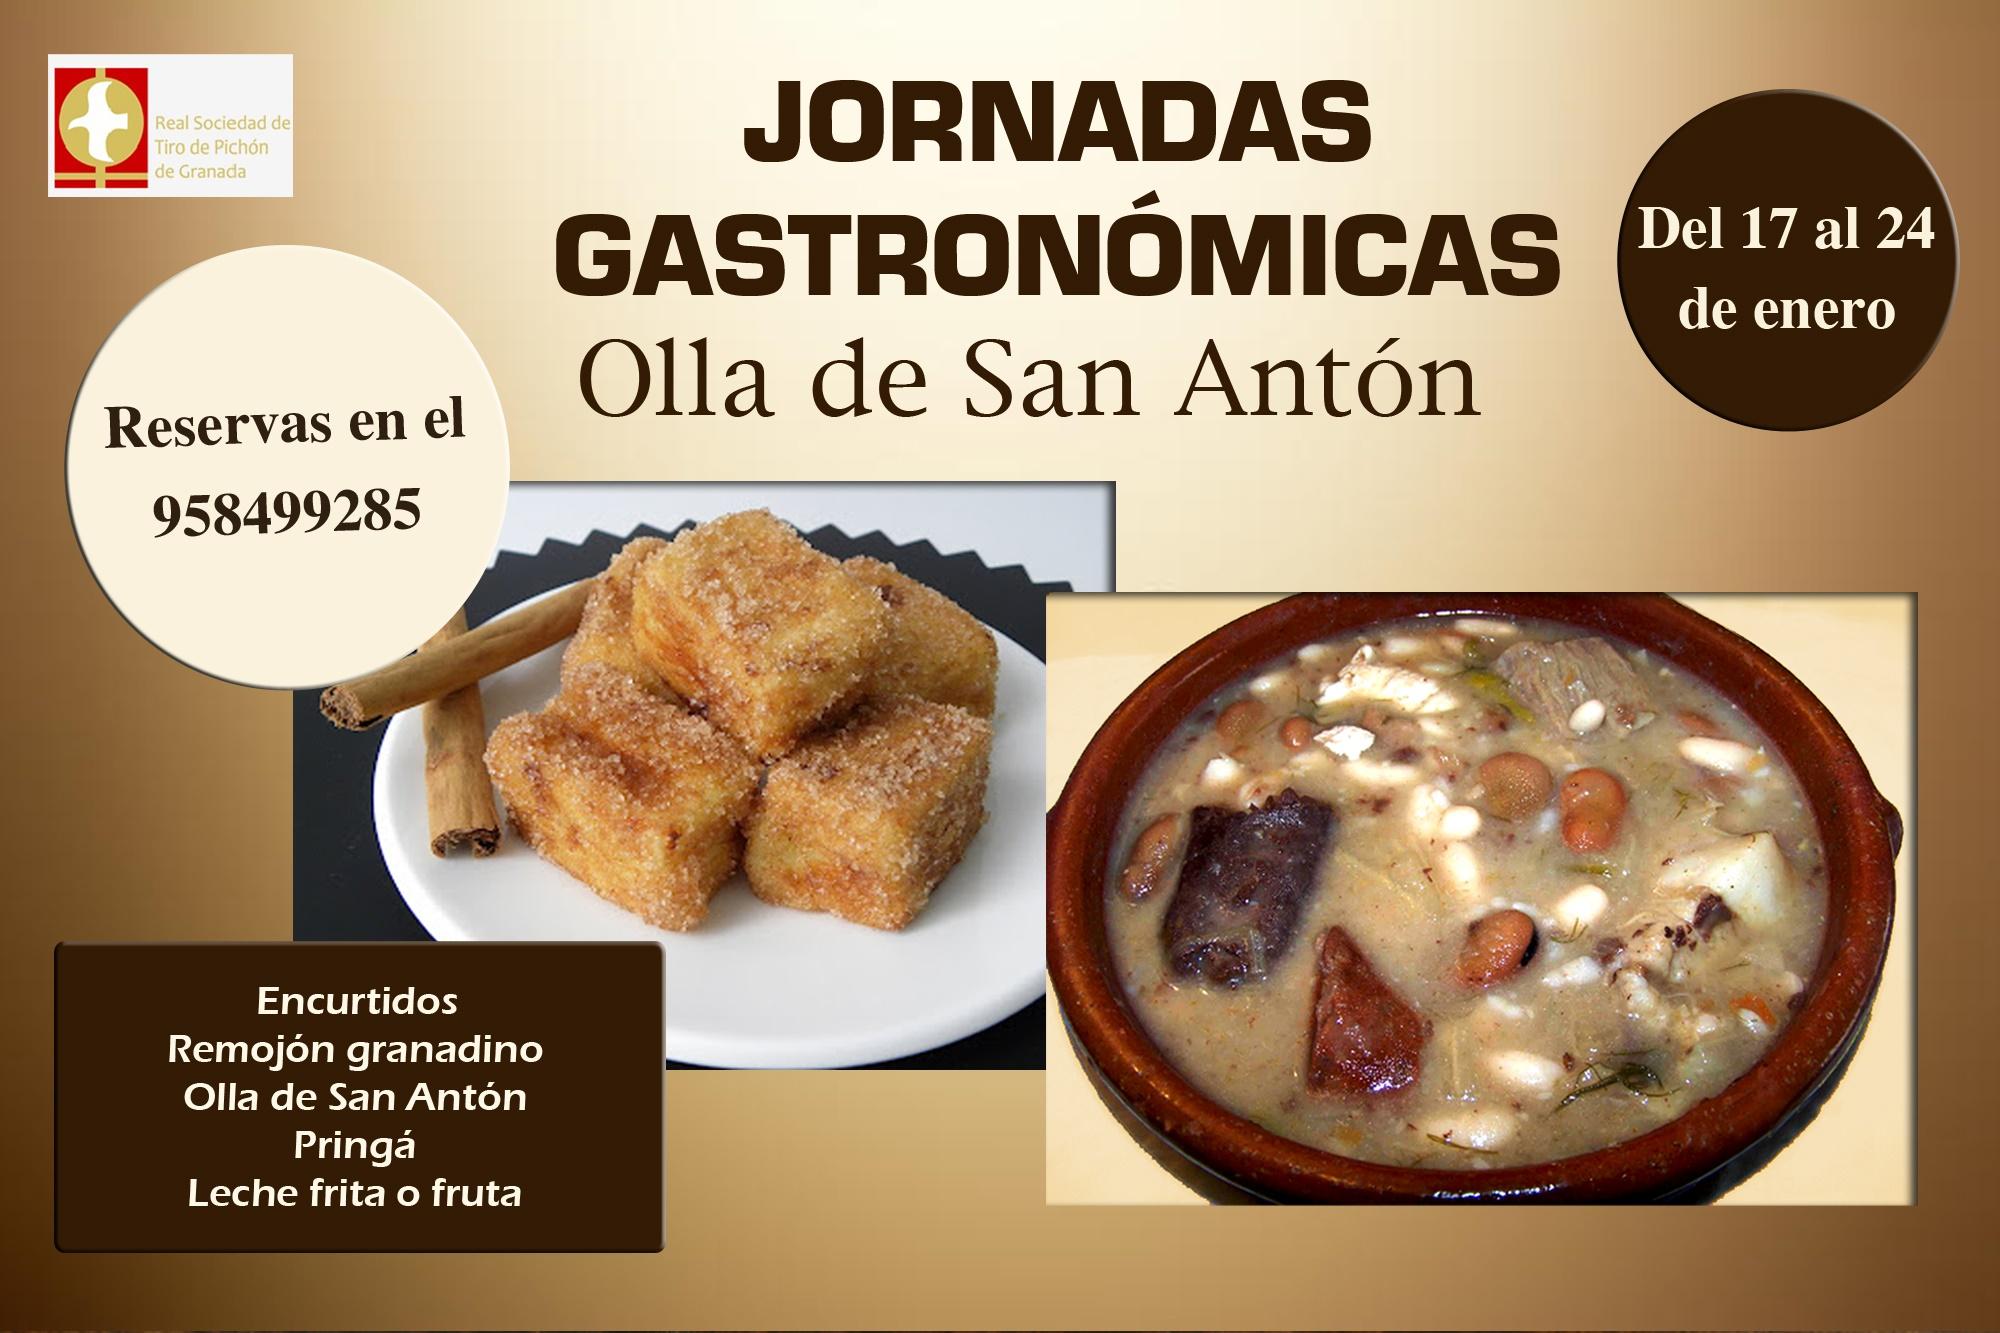 JORNADAS GASTRONÓMICAS (OLLA DE SAN ANTÓN 2020)